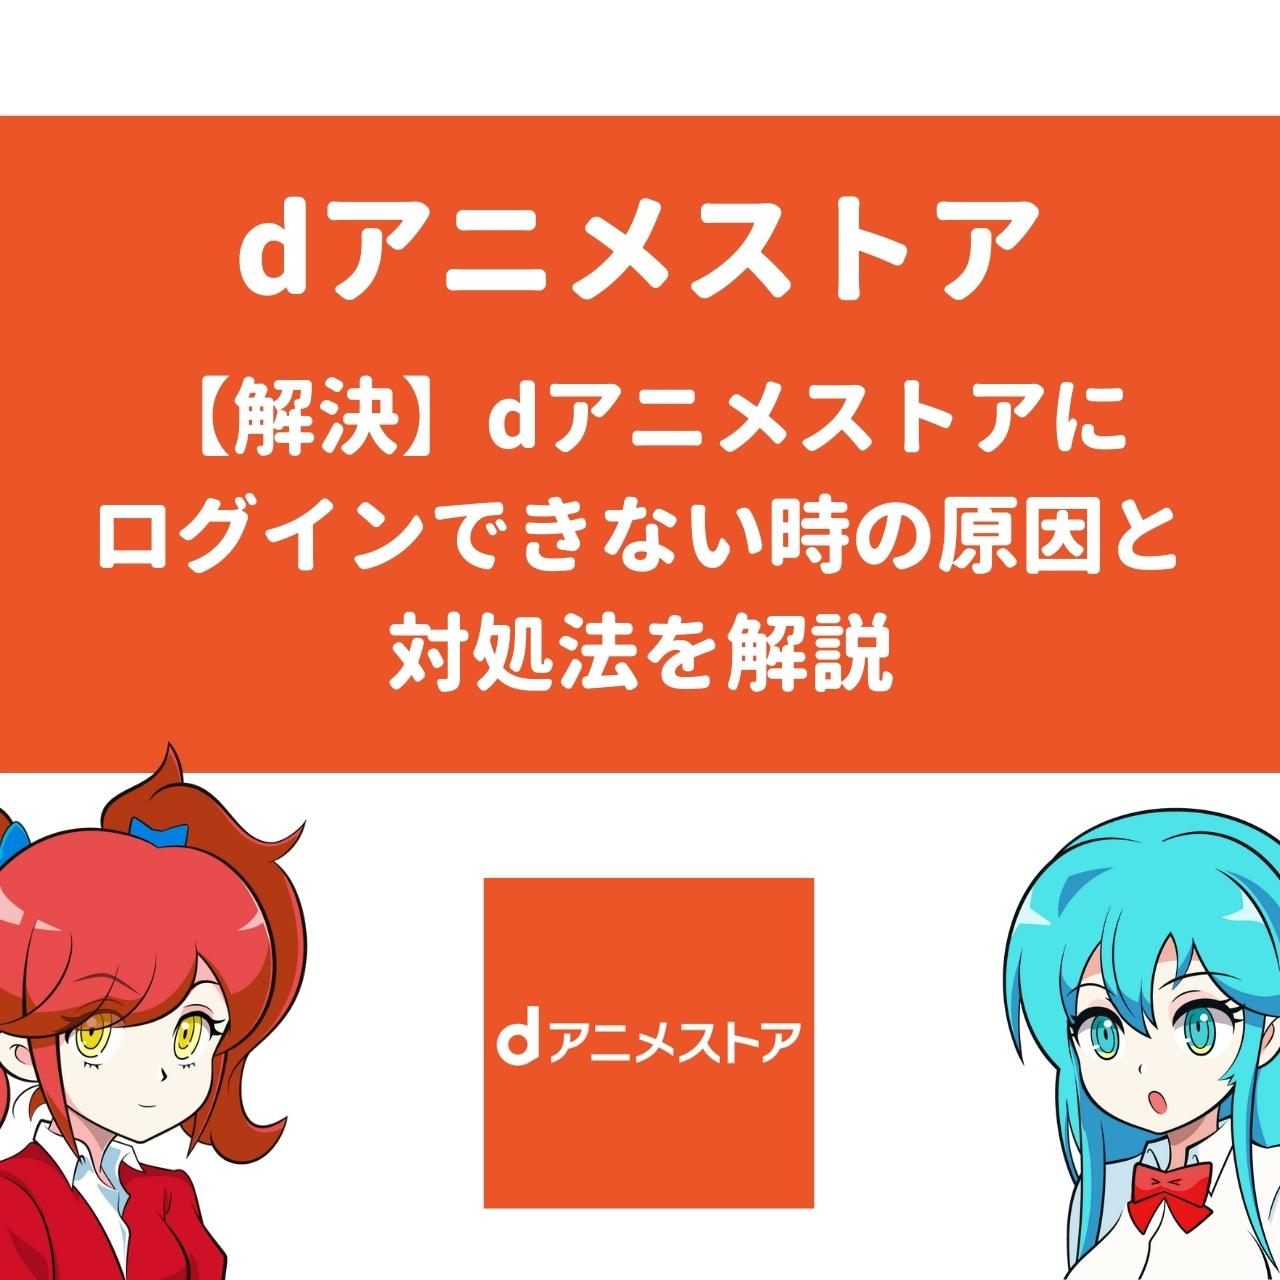 【解決】dアニメストアにログインできない時の原因と対処法を解説